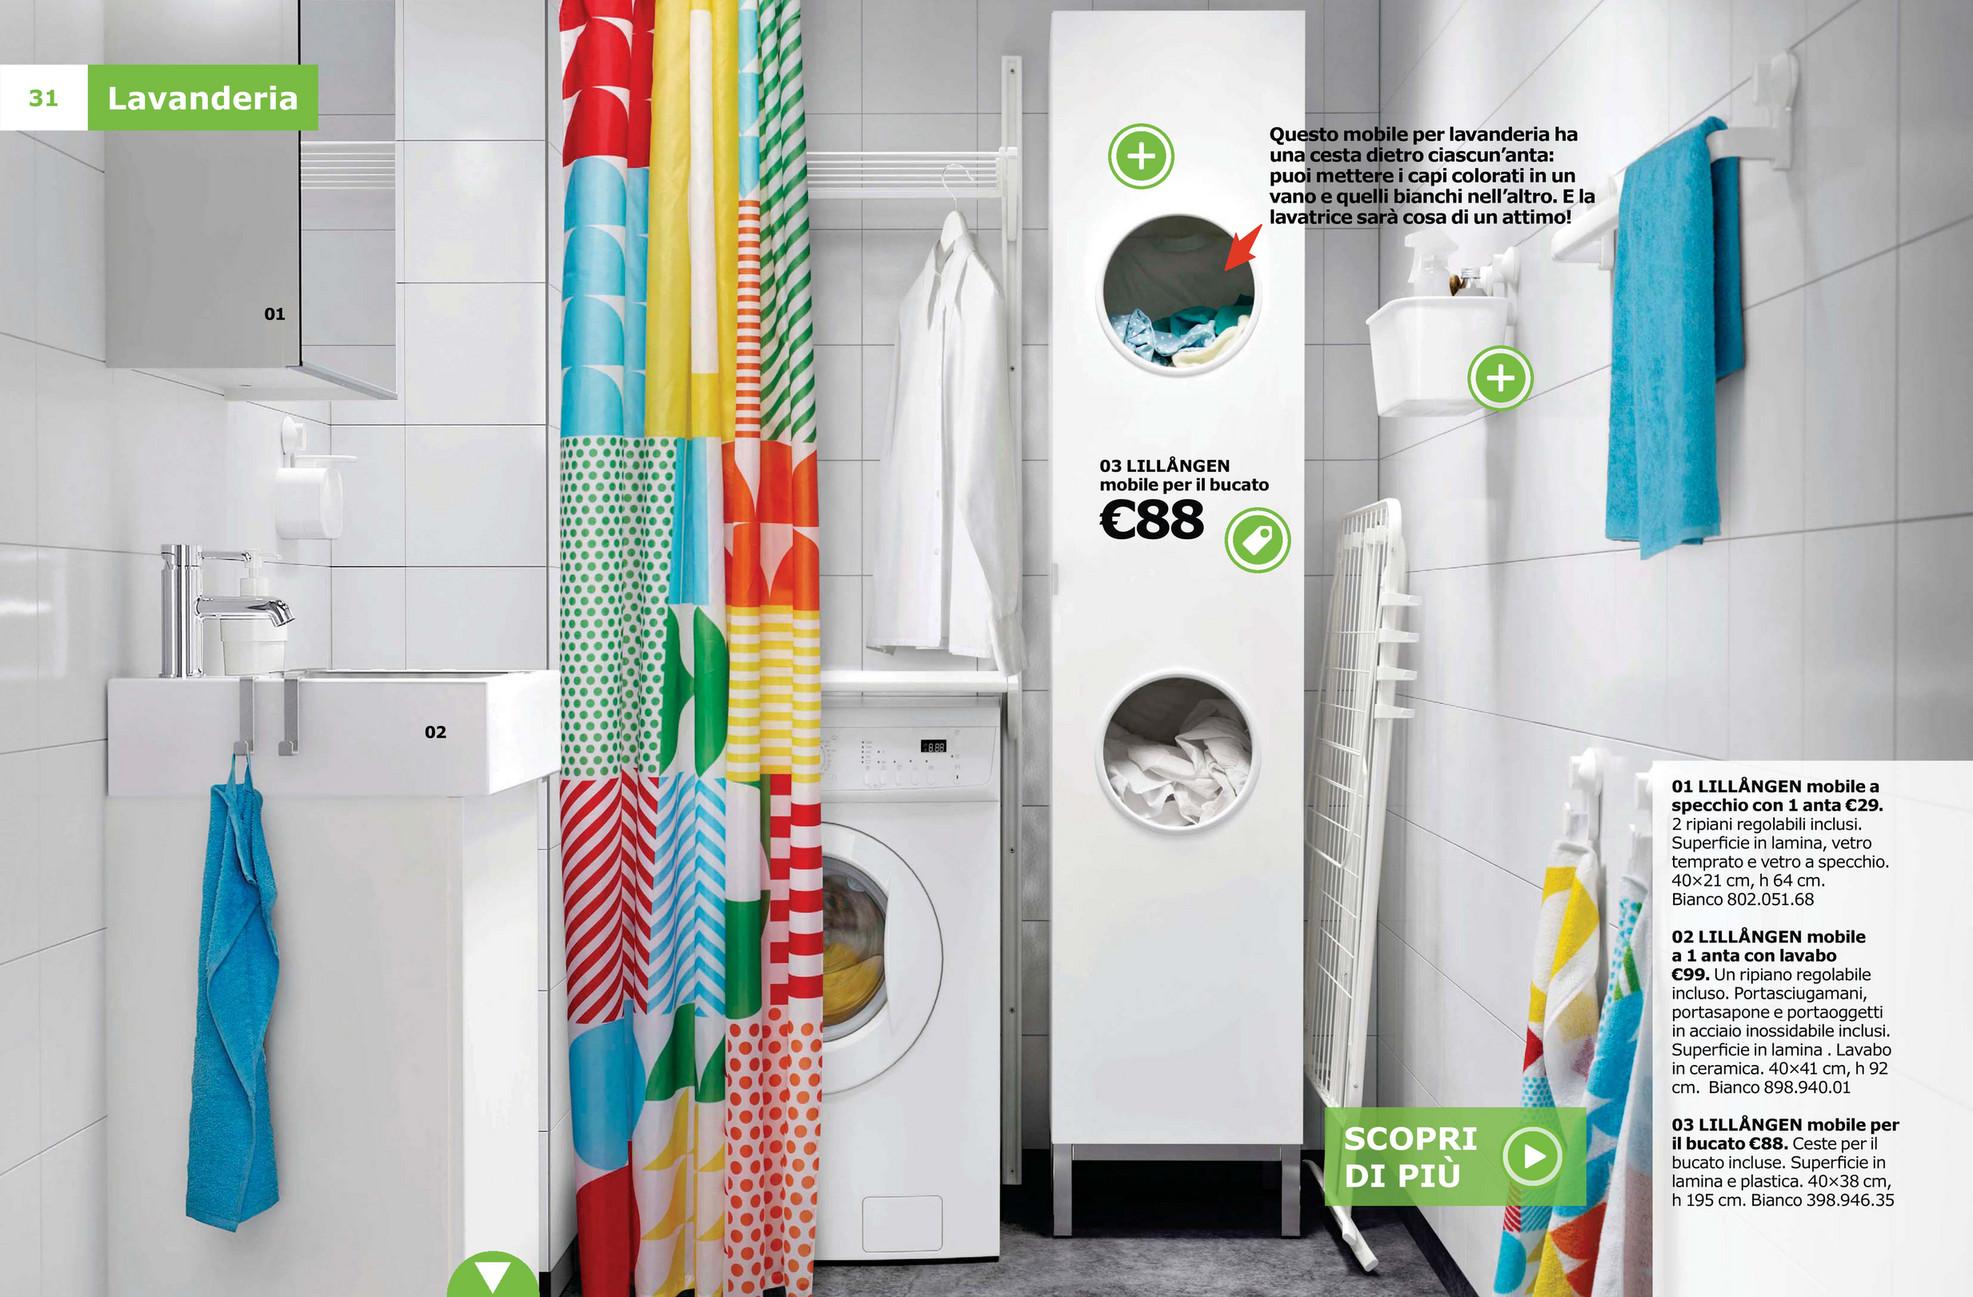 lavabo per lavanderia ikea: vovell.com casa di 60 mq con soppalco ... - Bagno Lavanderia Ikea